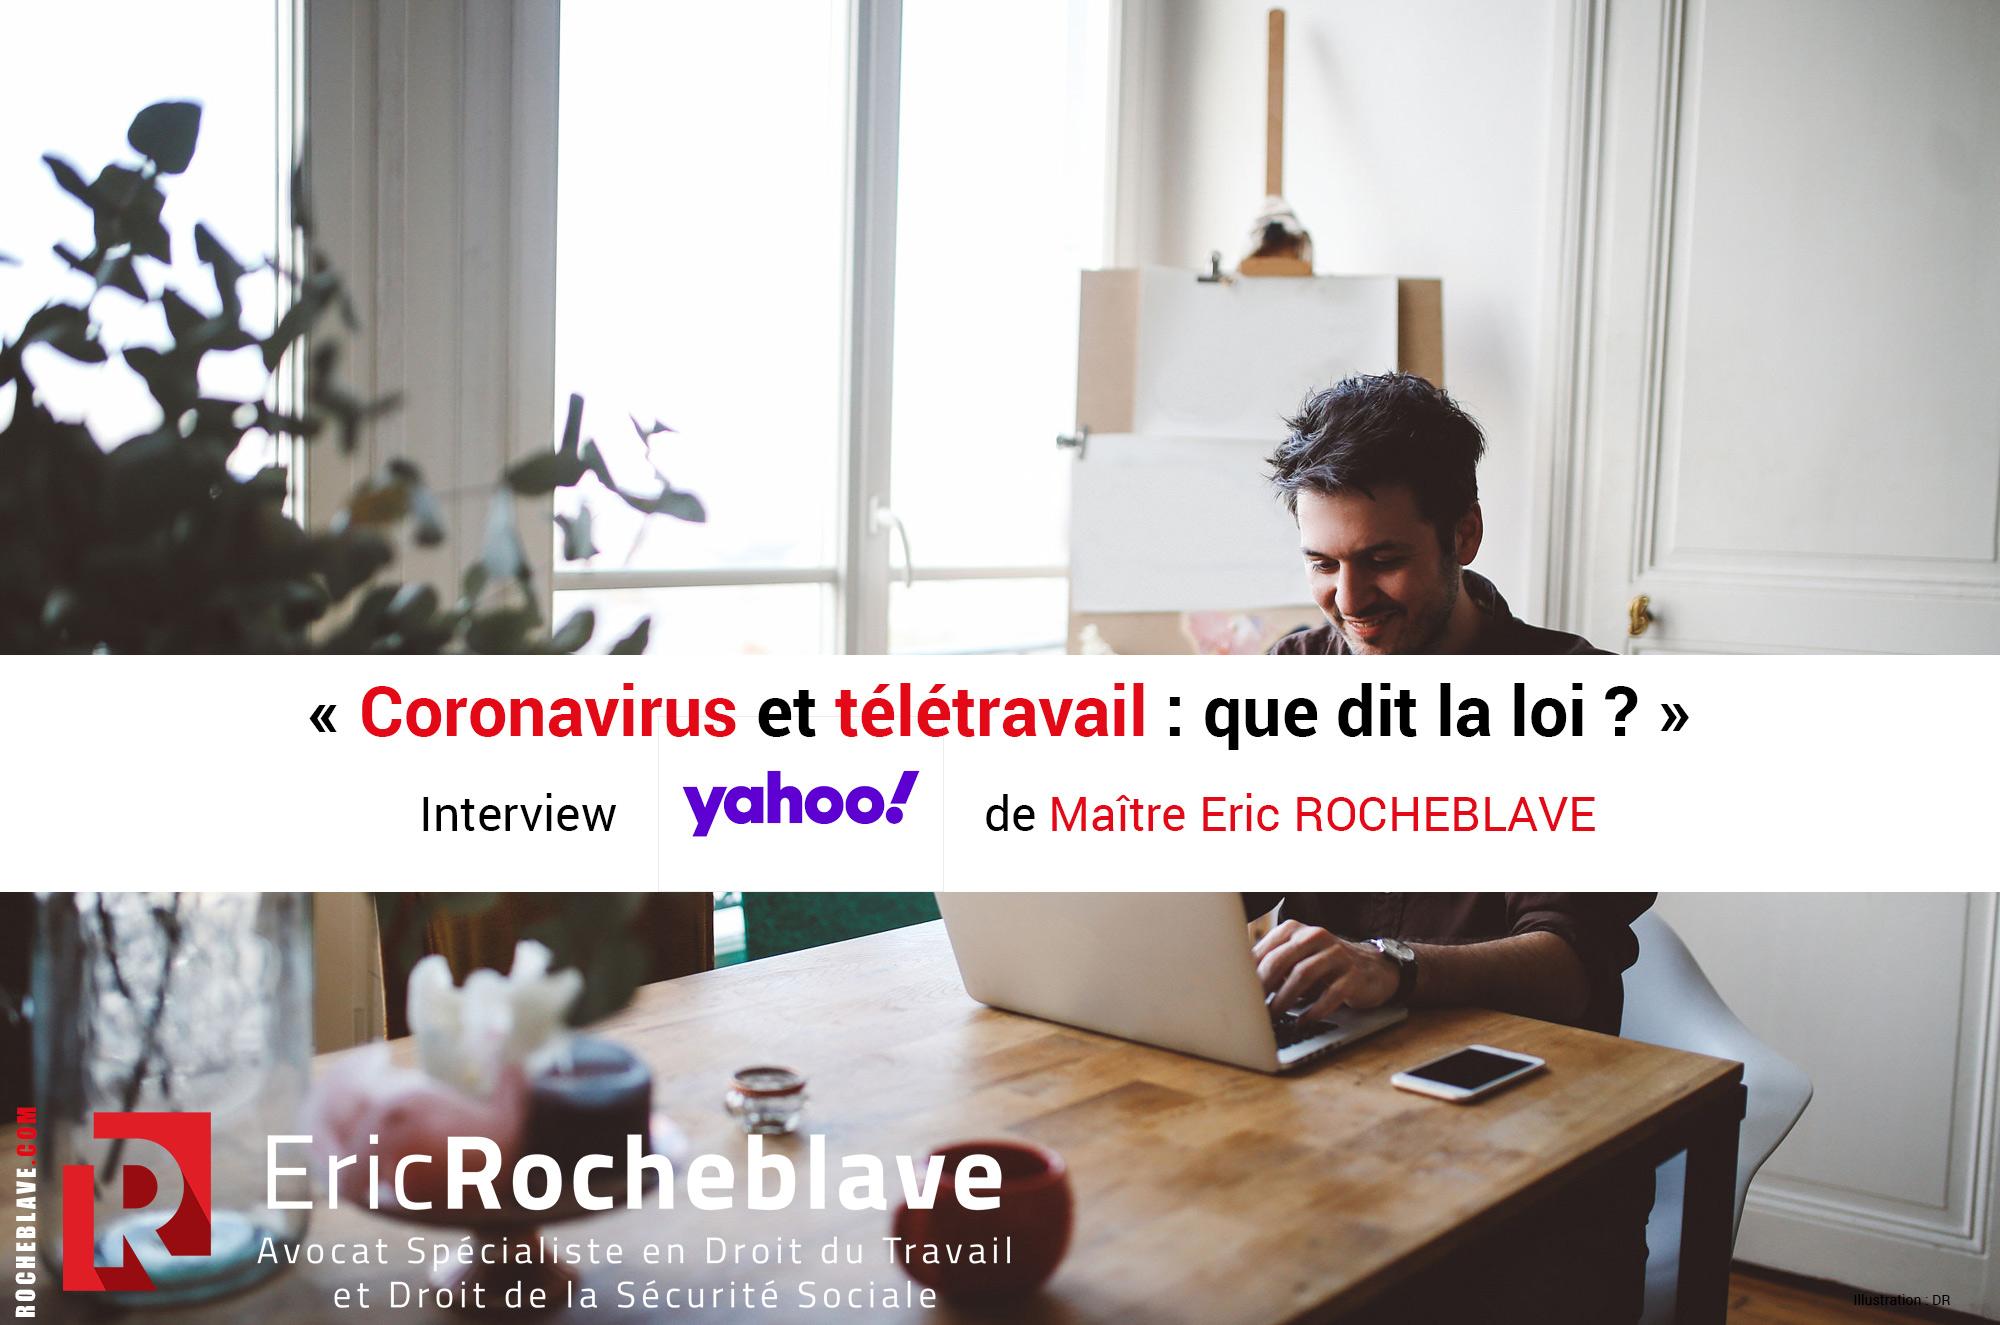 « Coronavirus et télétravail : que dit la loi ? » Interview Yahoo de Maître Eric ROCHEBLAVE